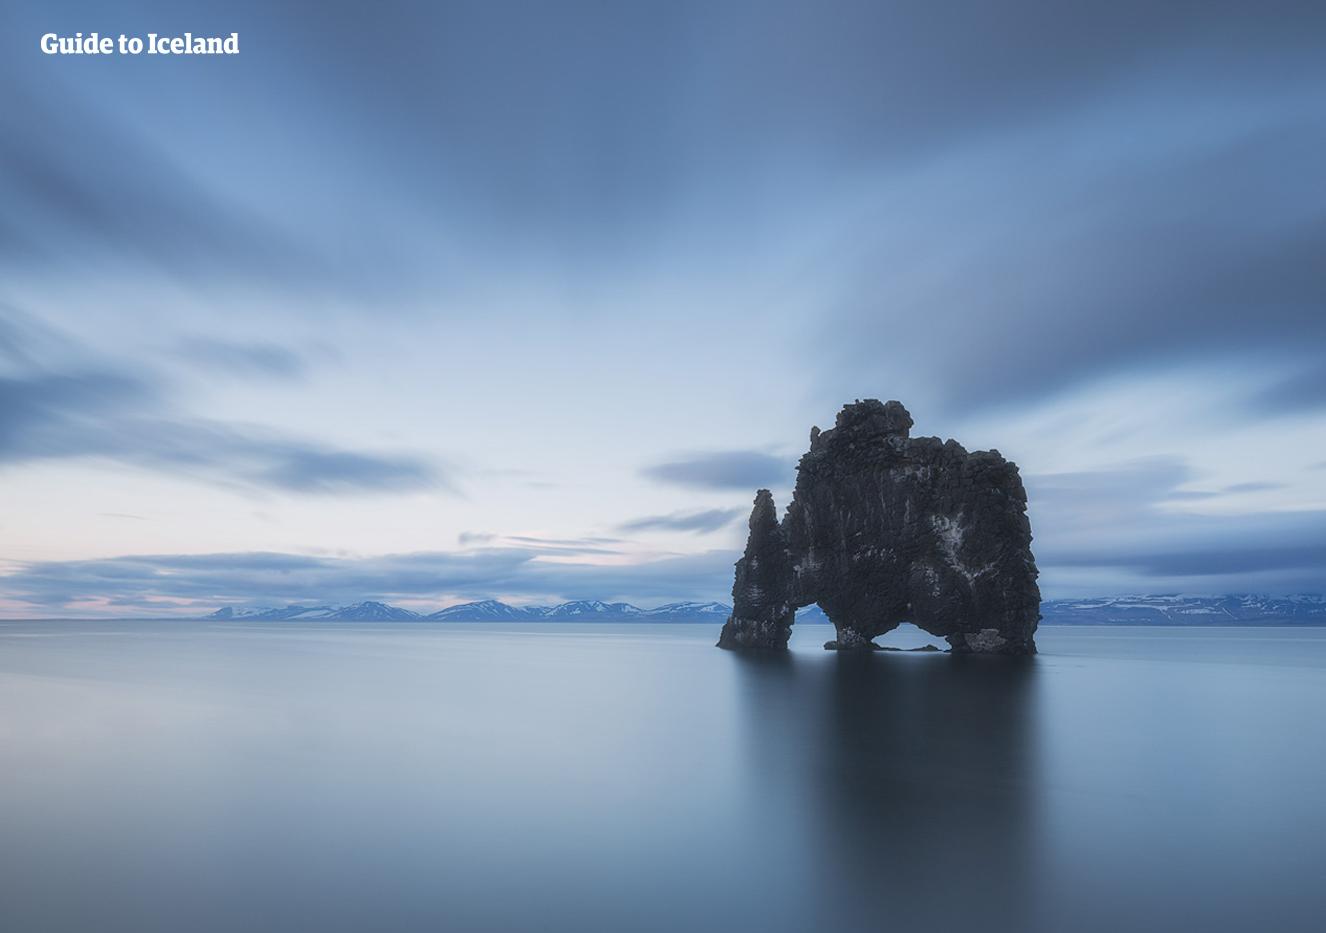 Die dramatische Felsformation Hvítserkur in Nordisland, die wie ein furchterregender Drache aus dem Meer herausragt